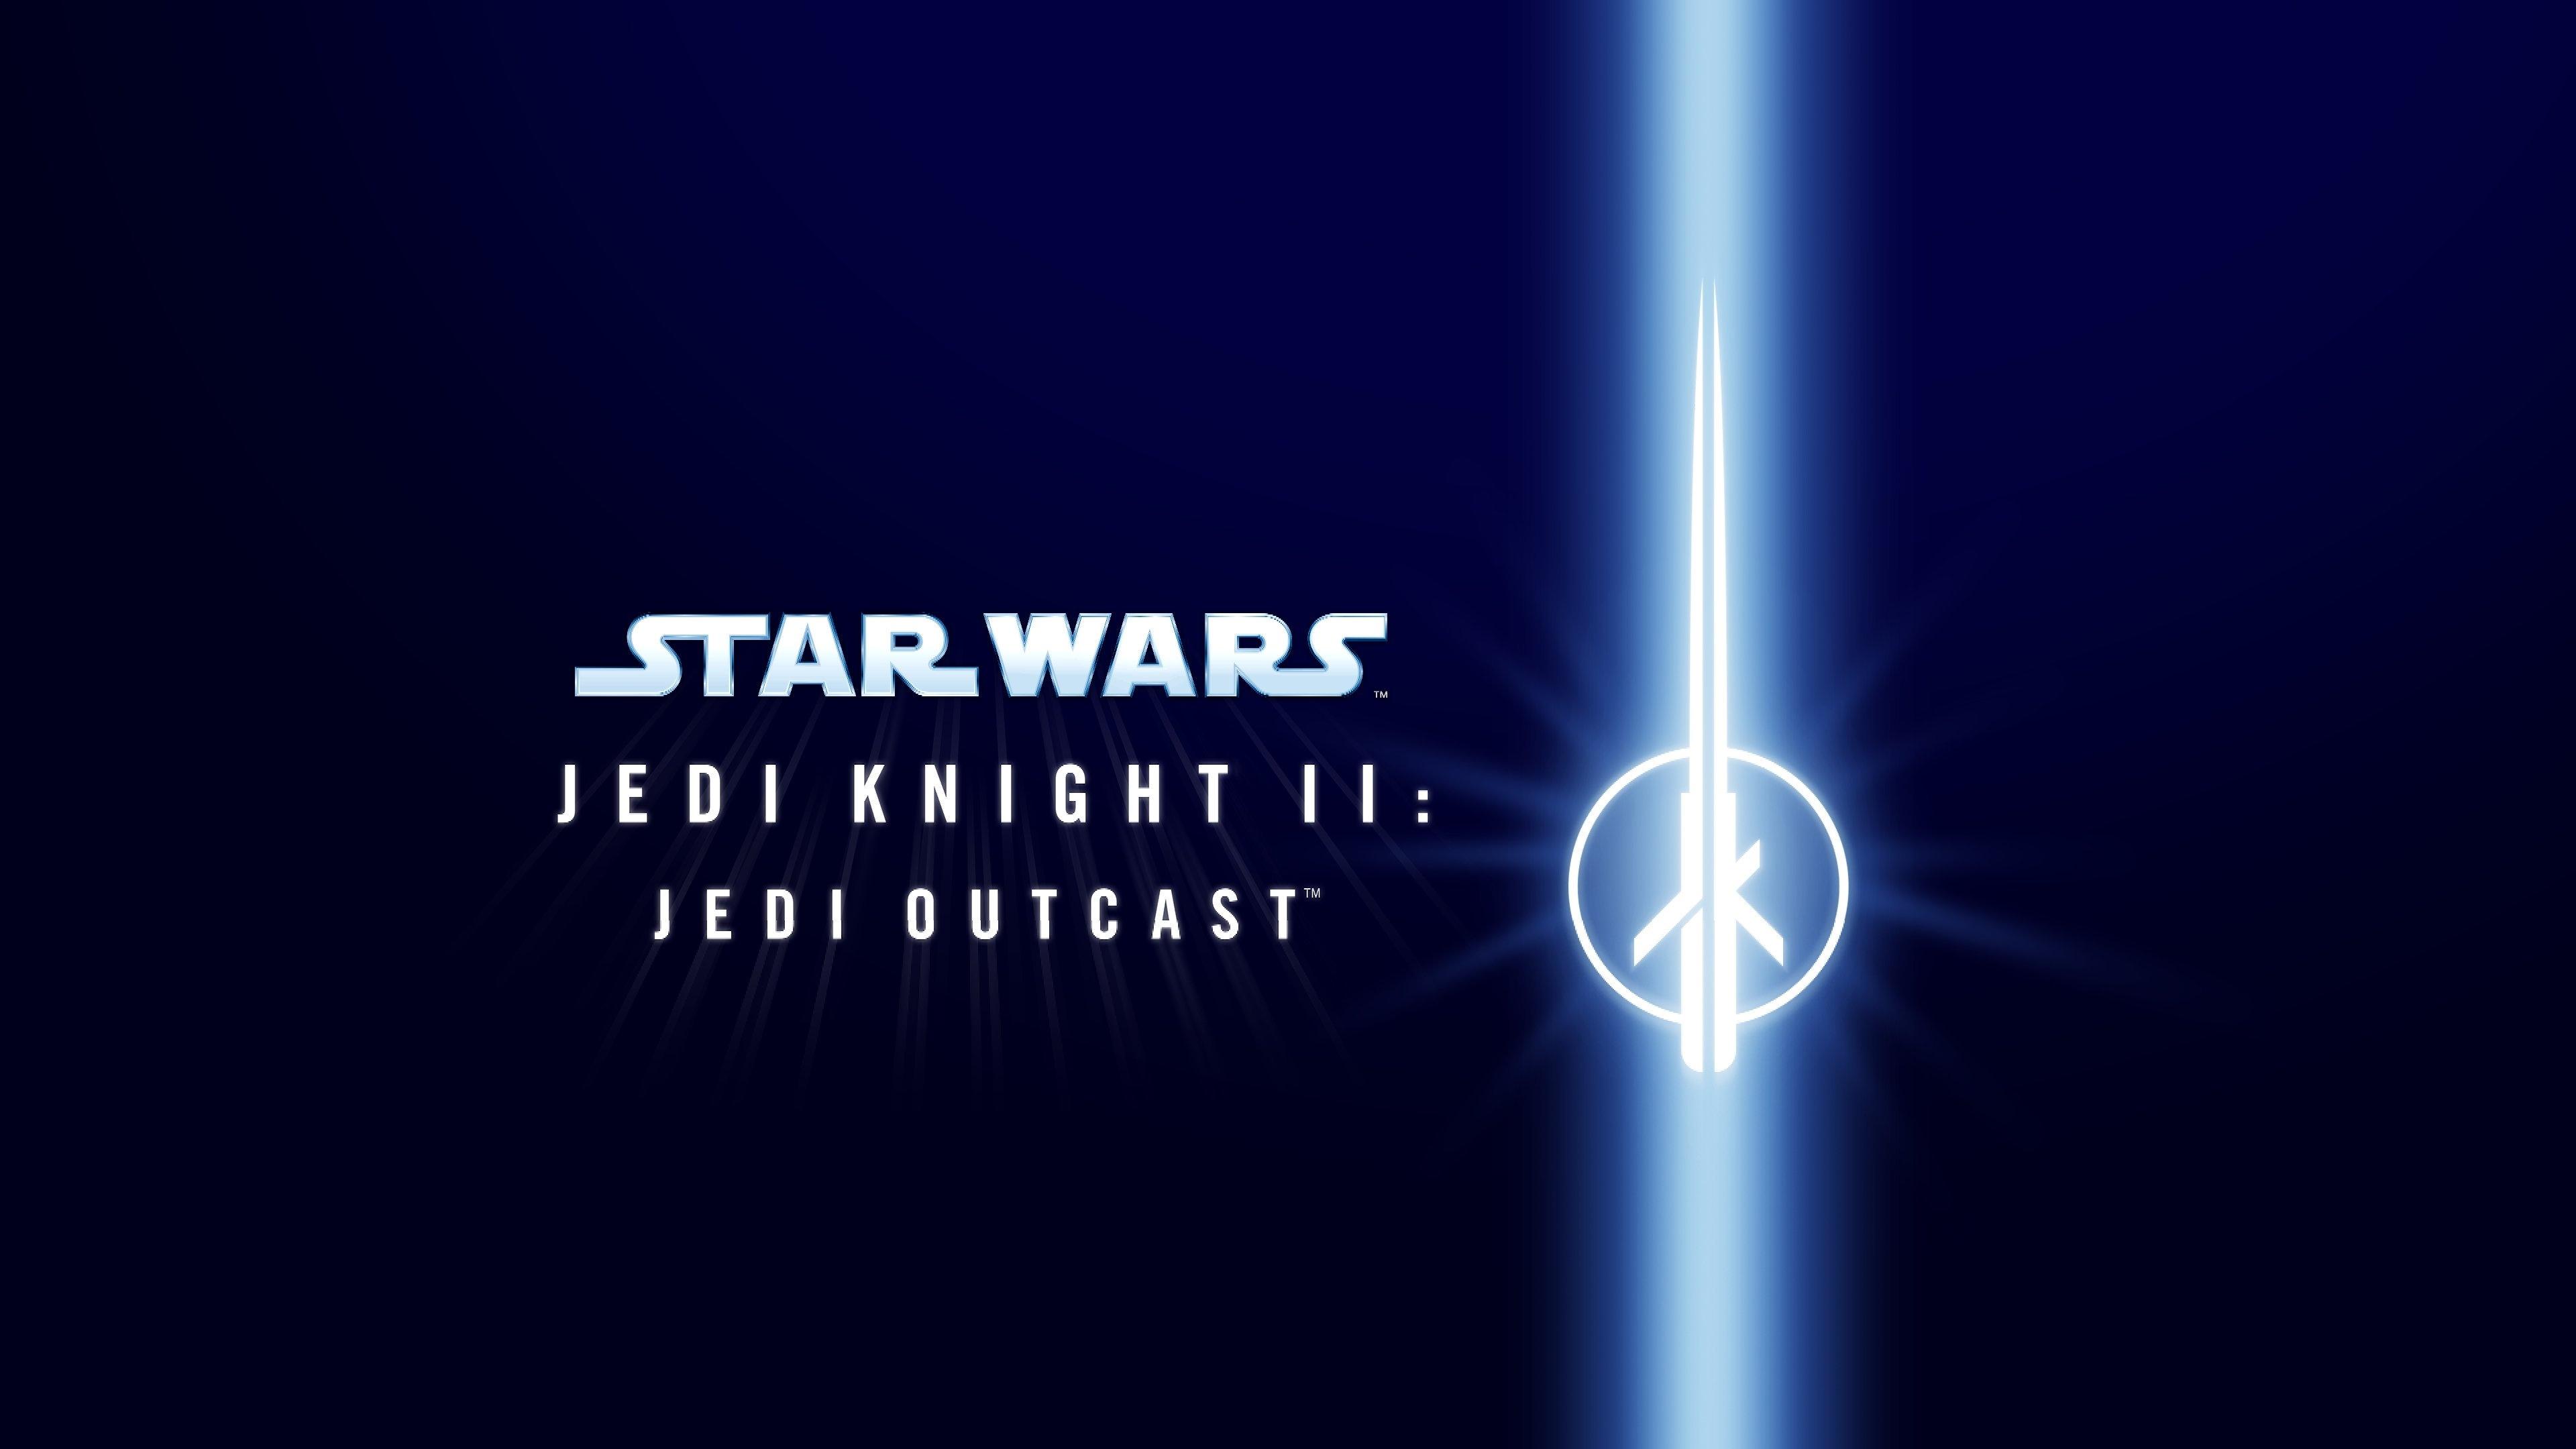 Oznámeny remastery Star Wars Jedi Knight: Jedi Academy a Jedi Knight II: Jedi Outcast